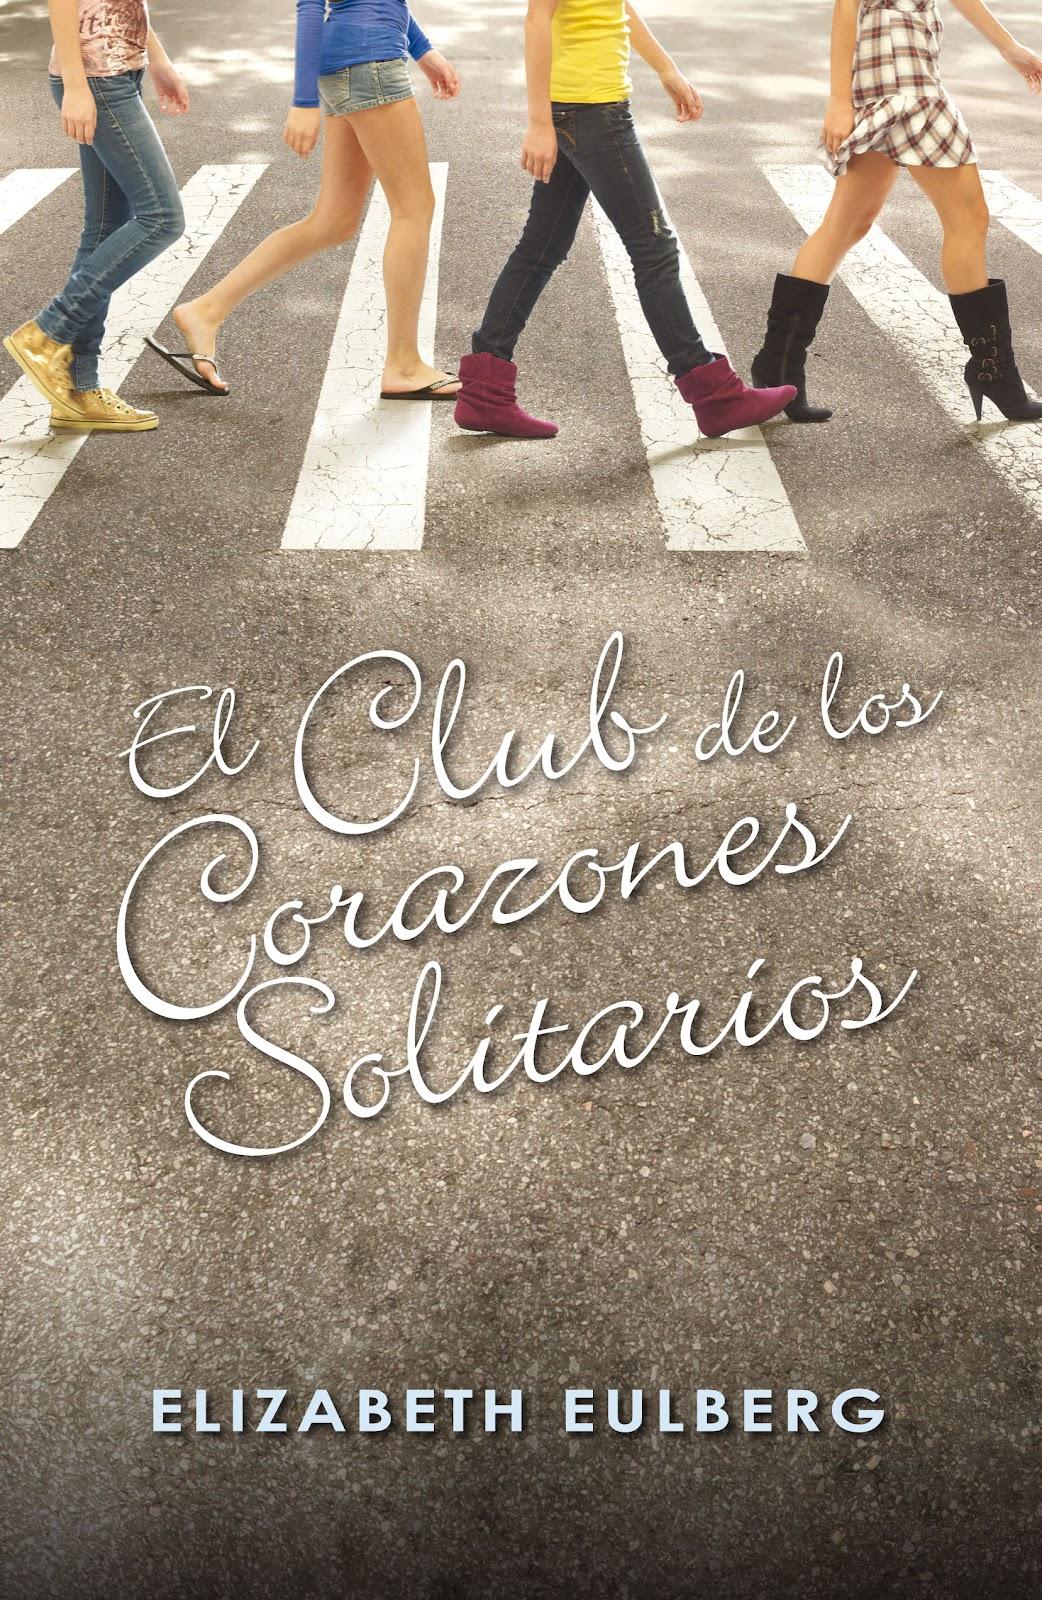 El club de los corazones solitarios.jpg